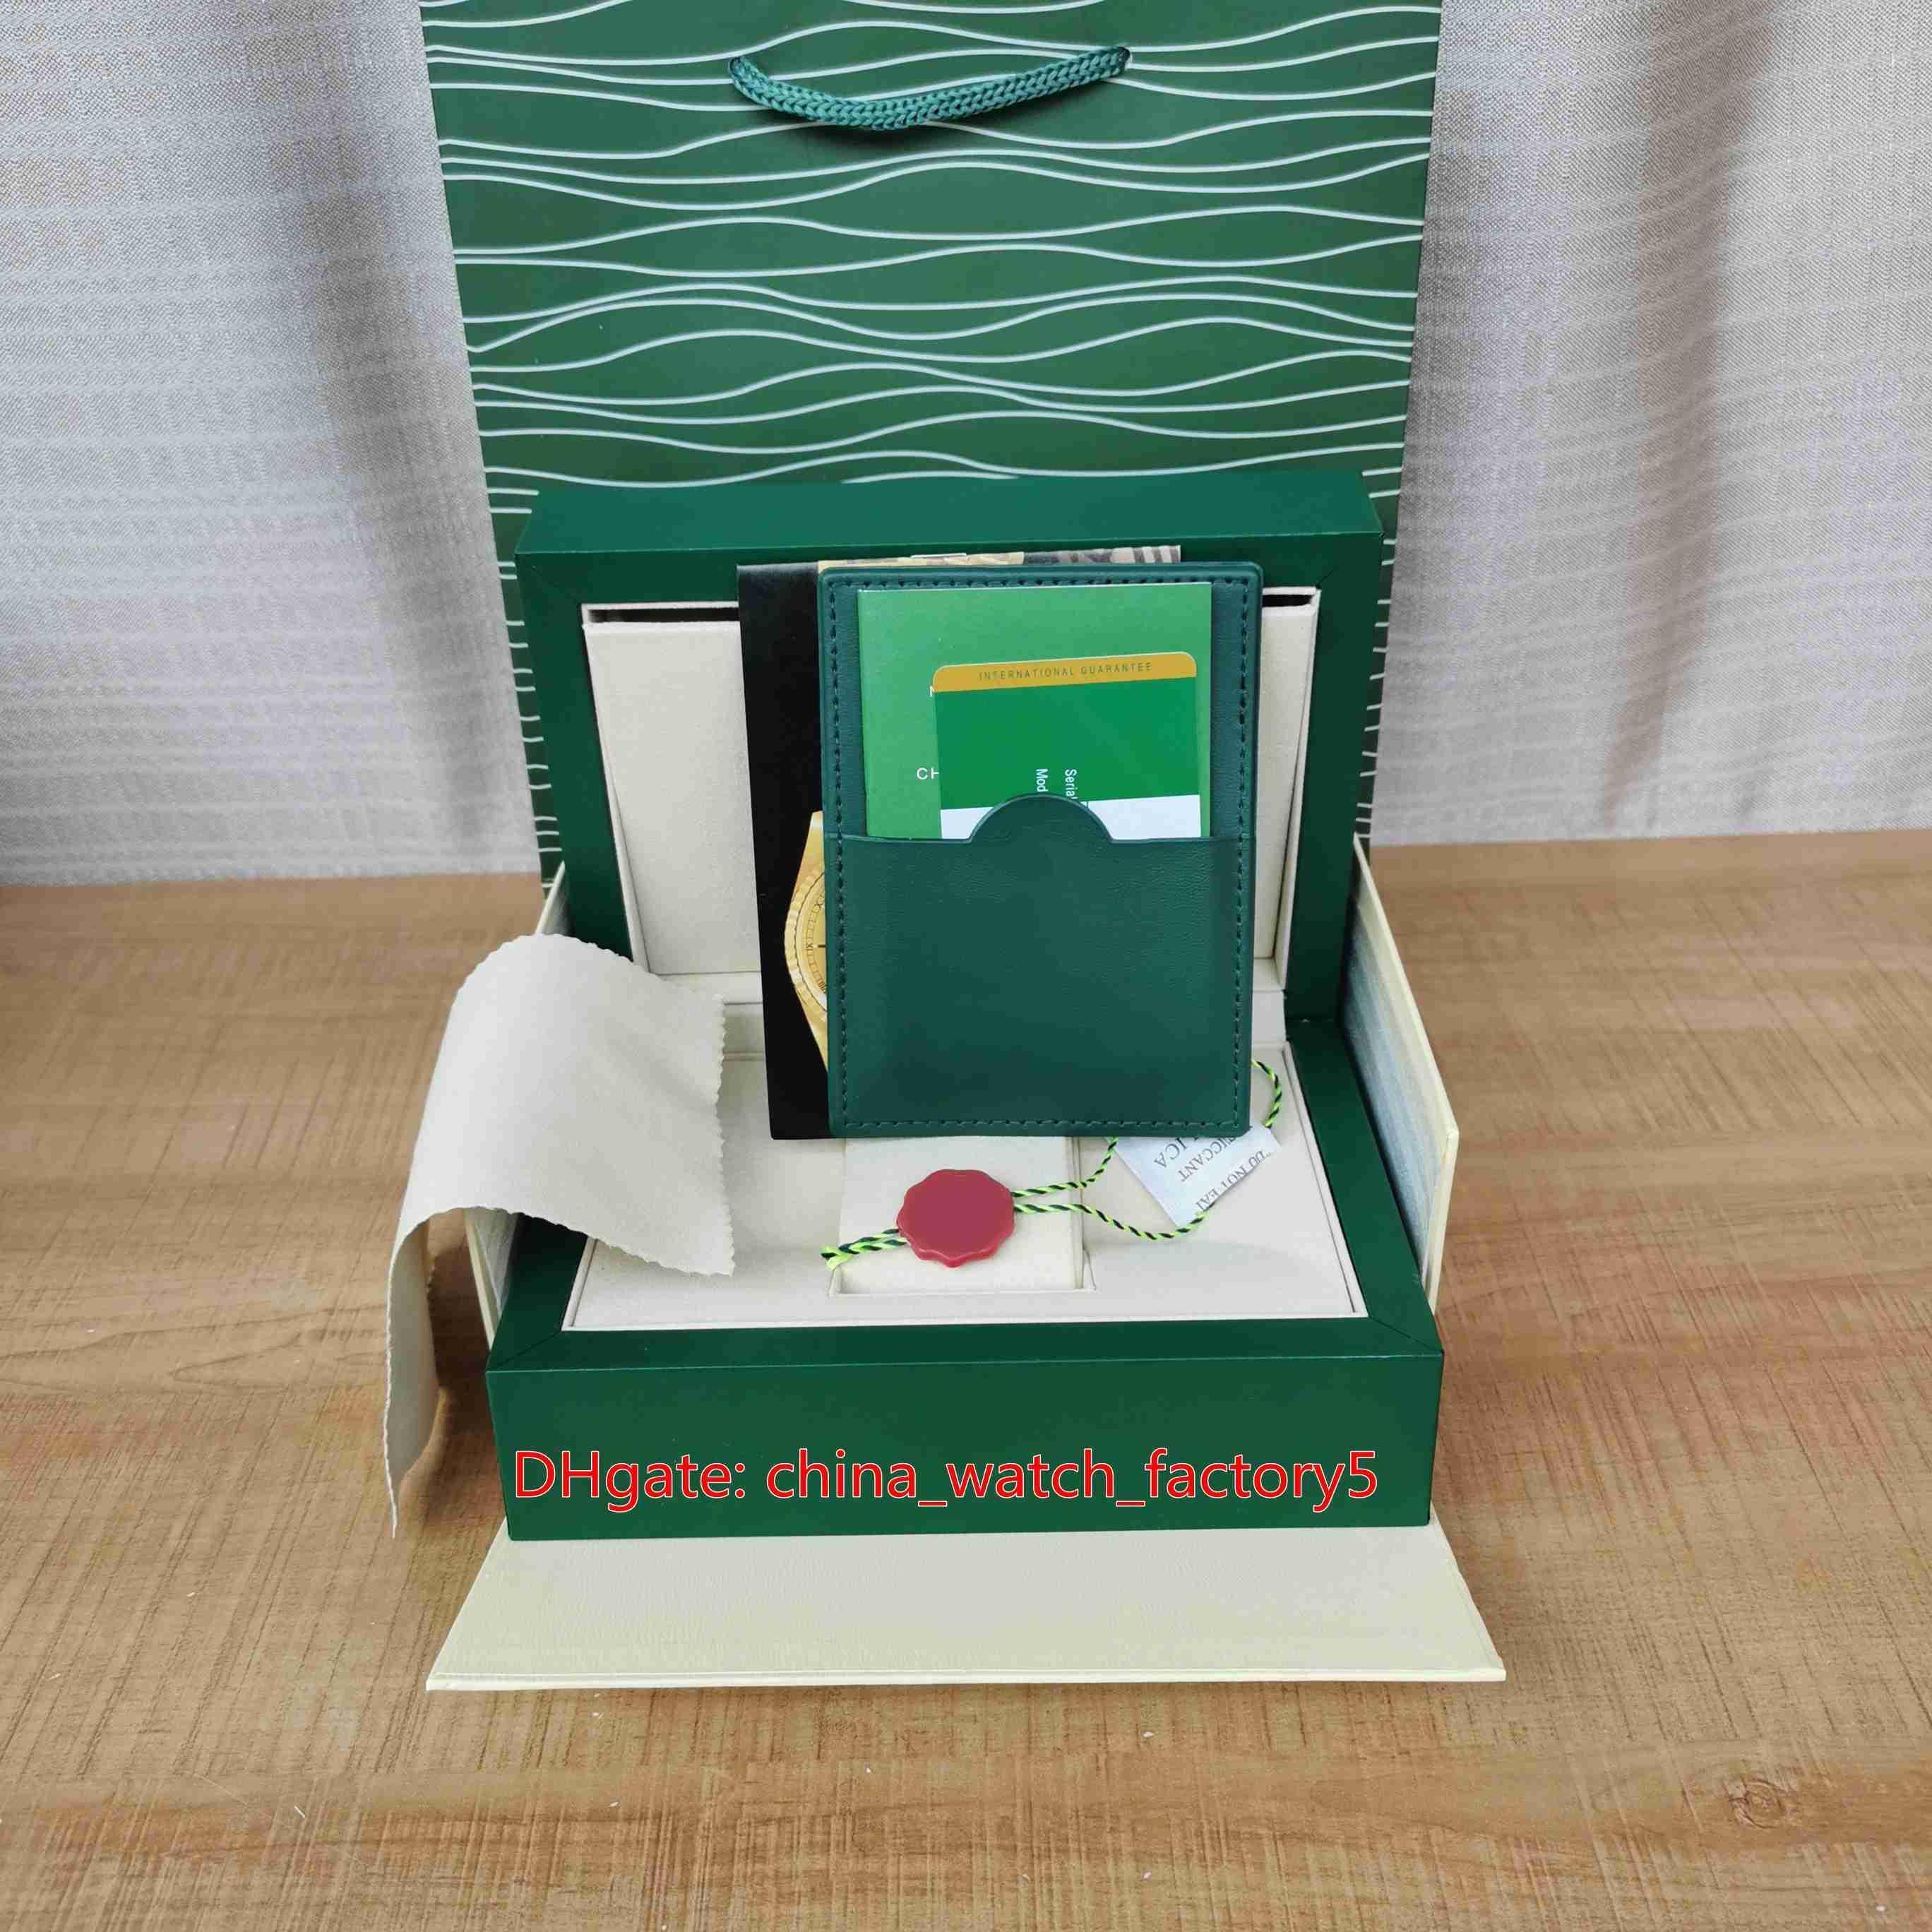 حار بيع عالية الجودة الصناديق الساعات الدائمة الأخضر مربع بطاقة مربع الأصلي للرئيس cosmograph 116500 126610 بتوقيت جرينتش 126710 126711 مشاهدة المعصم